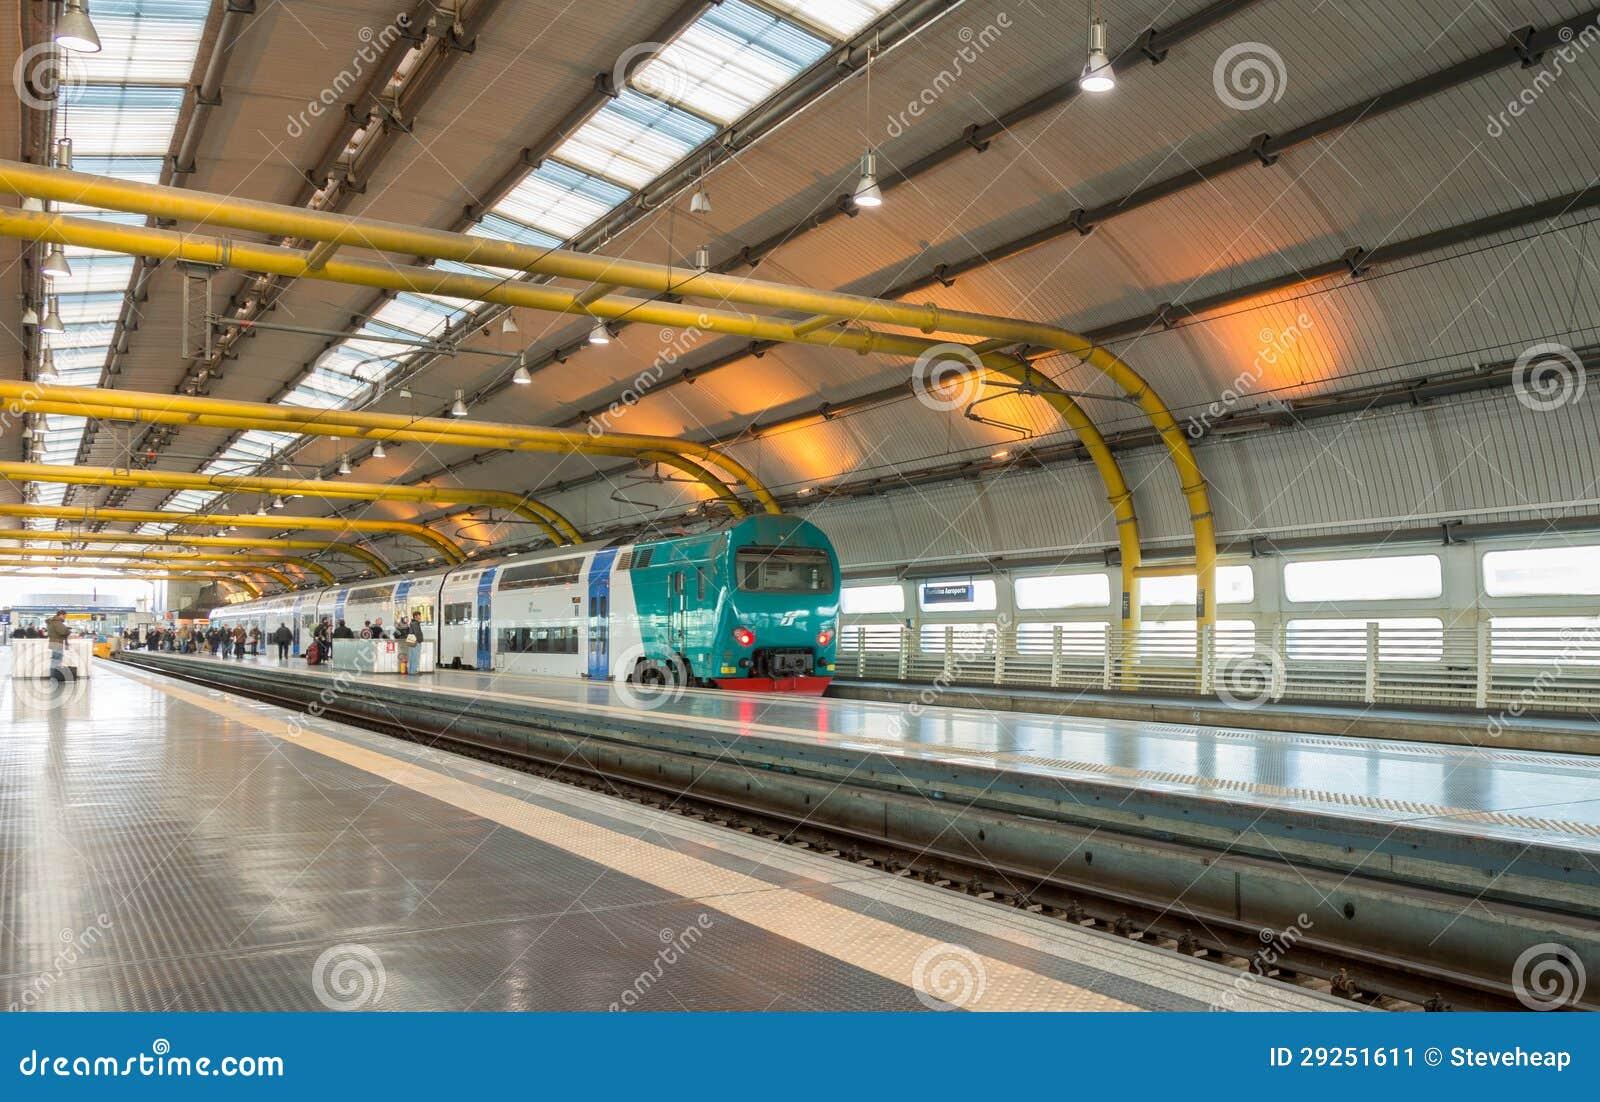 罗马,意大利- 1月27日: leonardo火车站在2013年1月27日的罗马